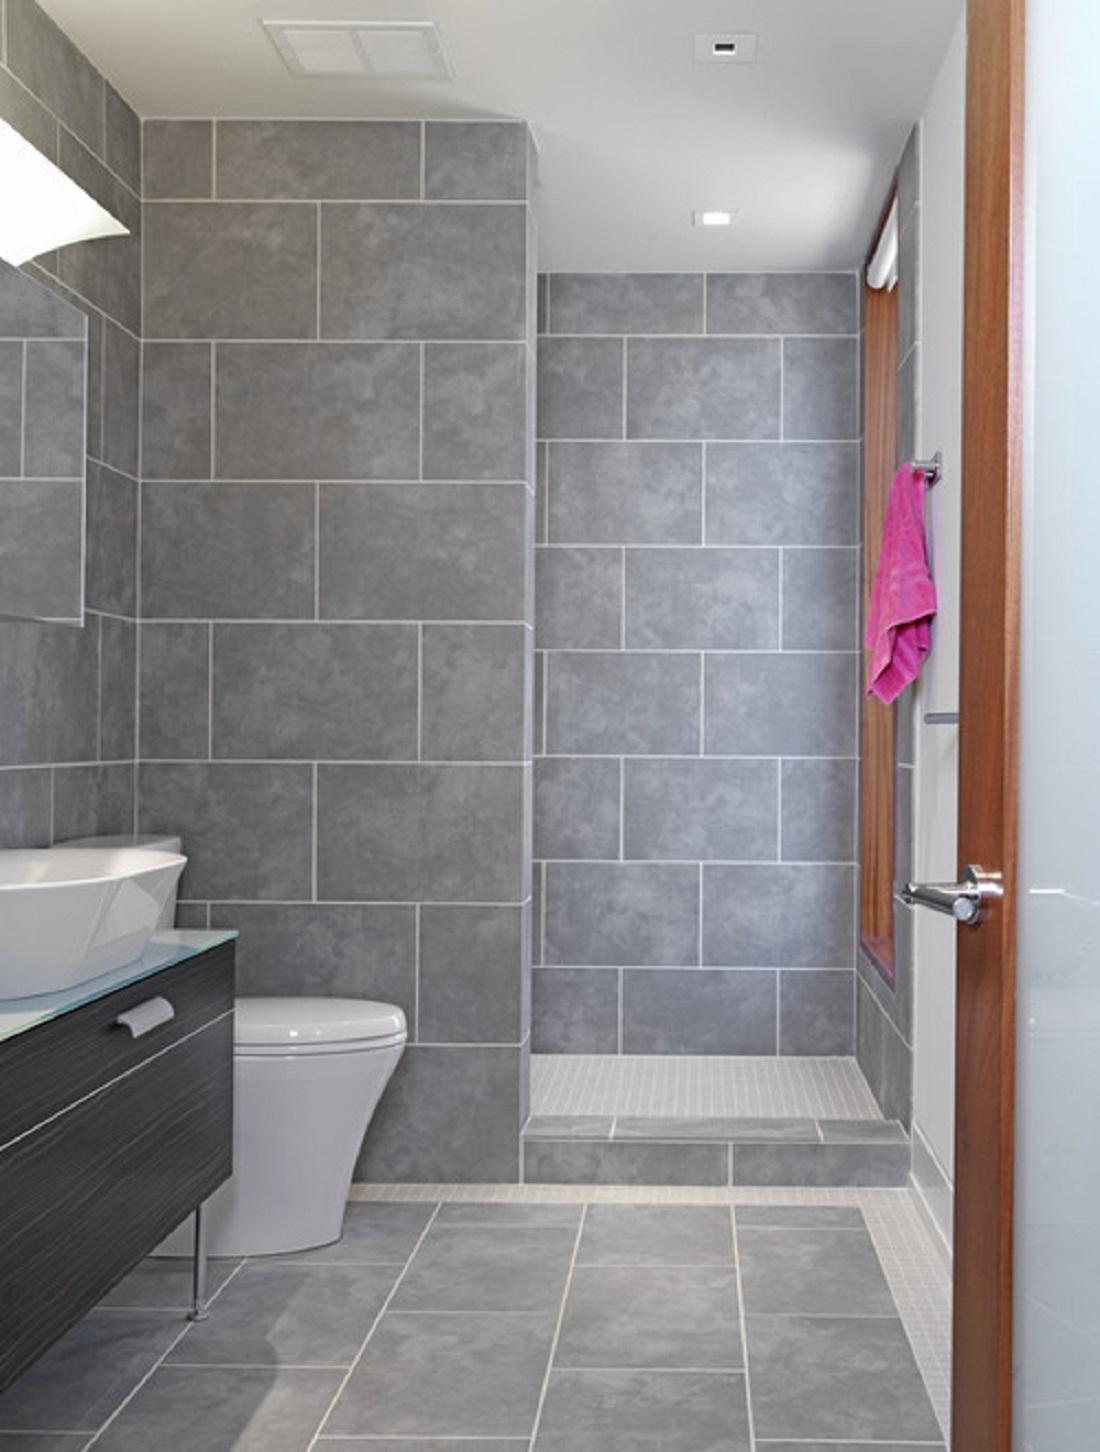 Душ в ванной без душевой кабины: особенности организации пространства (36 фото)